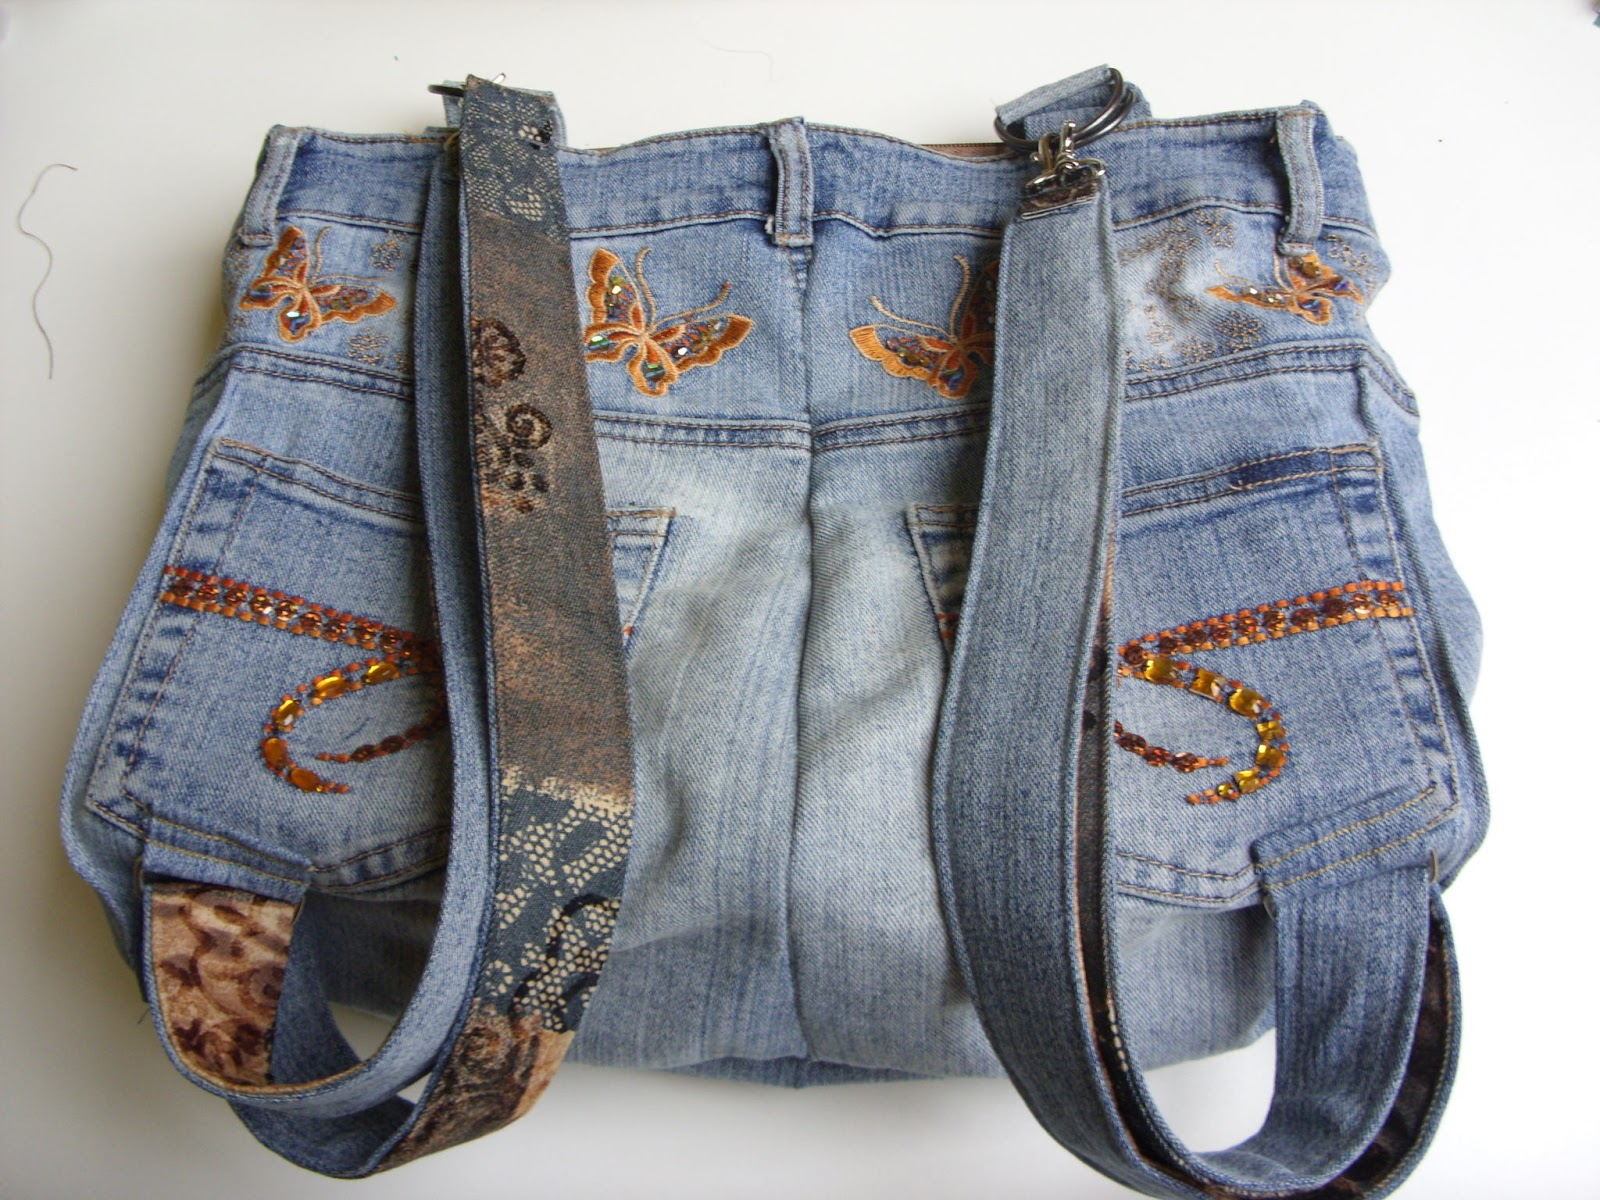 willkommen bei frauhohmann luxus rucksack handtasche aus jeanshose. Black Bedroom Furniture Sets. Home Design Ideas